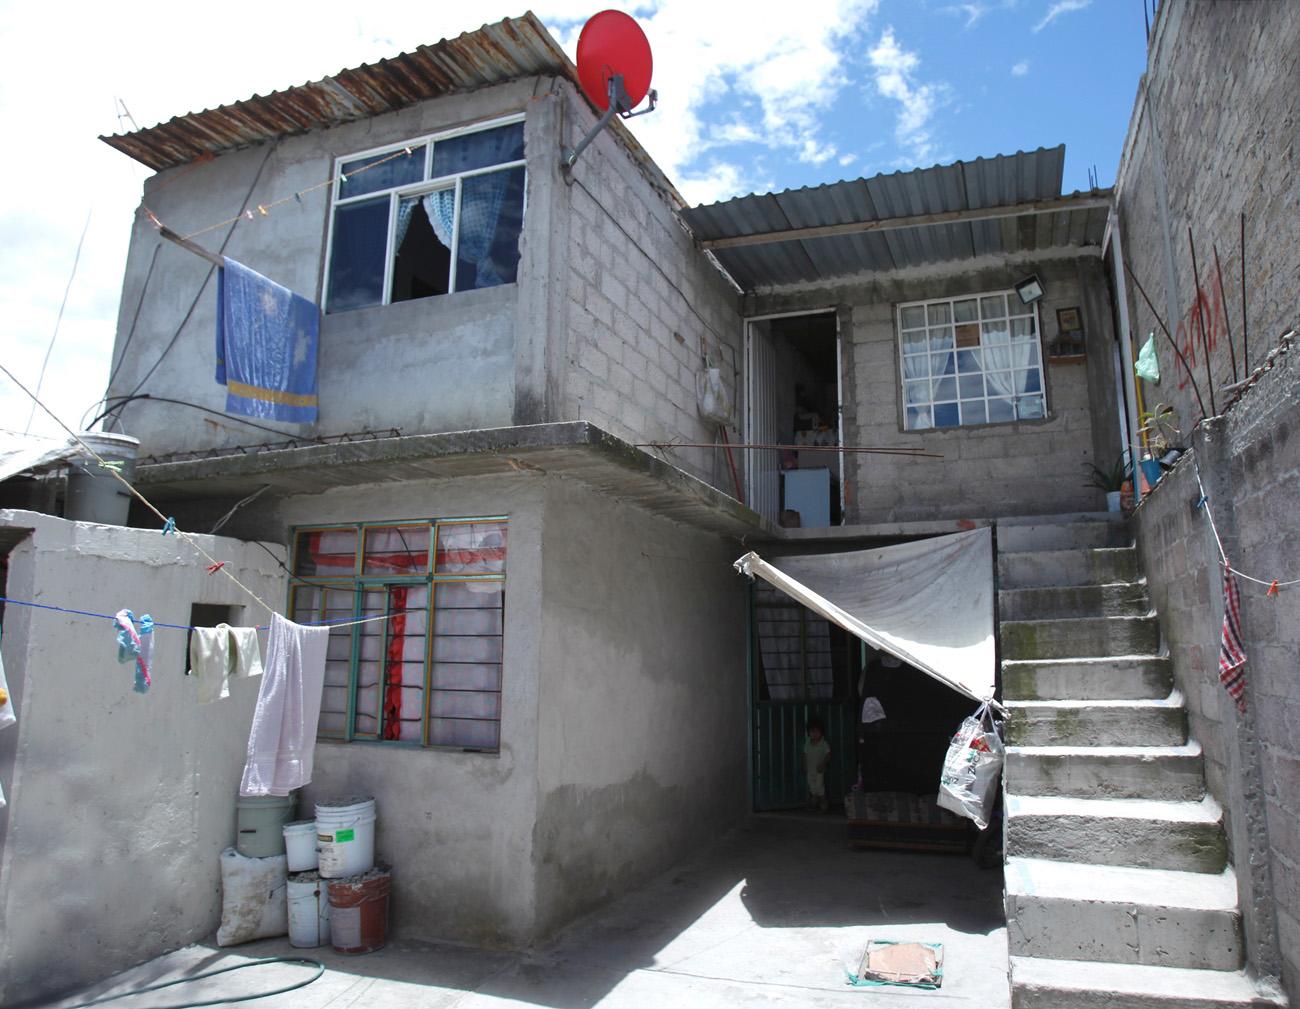 El mexiquense hoy otorga gobierno de ecatepec permisos - Permisos para construir una casa ...